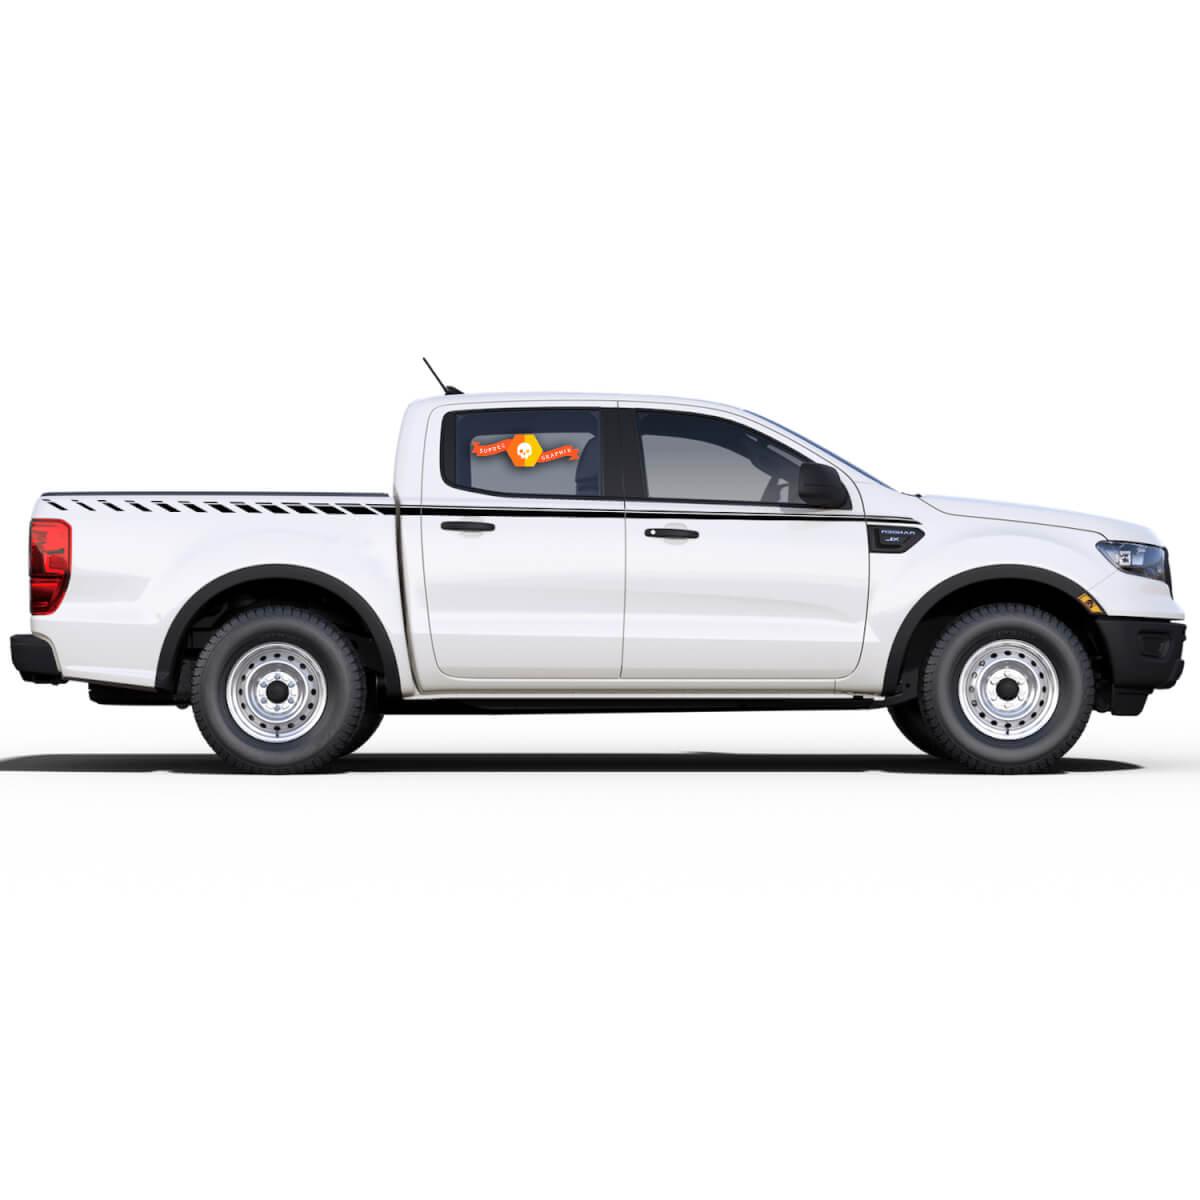 2X UpRoar-Streifen für Ford Ranger-Grafik-Aufkleber 2019 - 2020